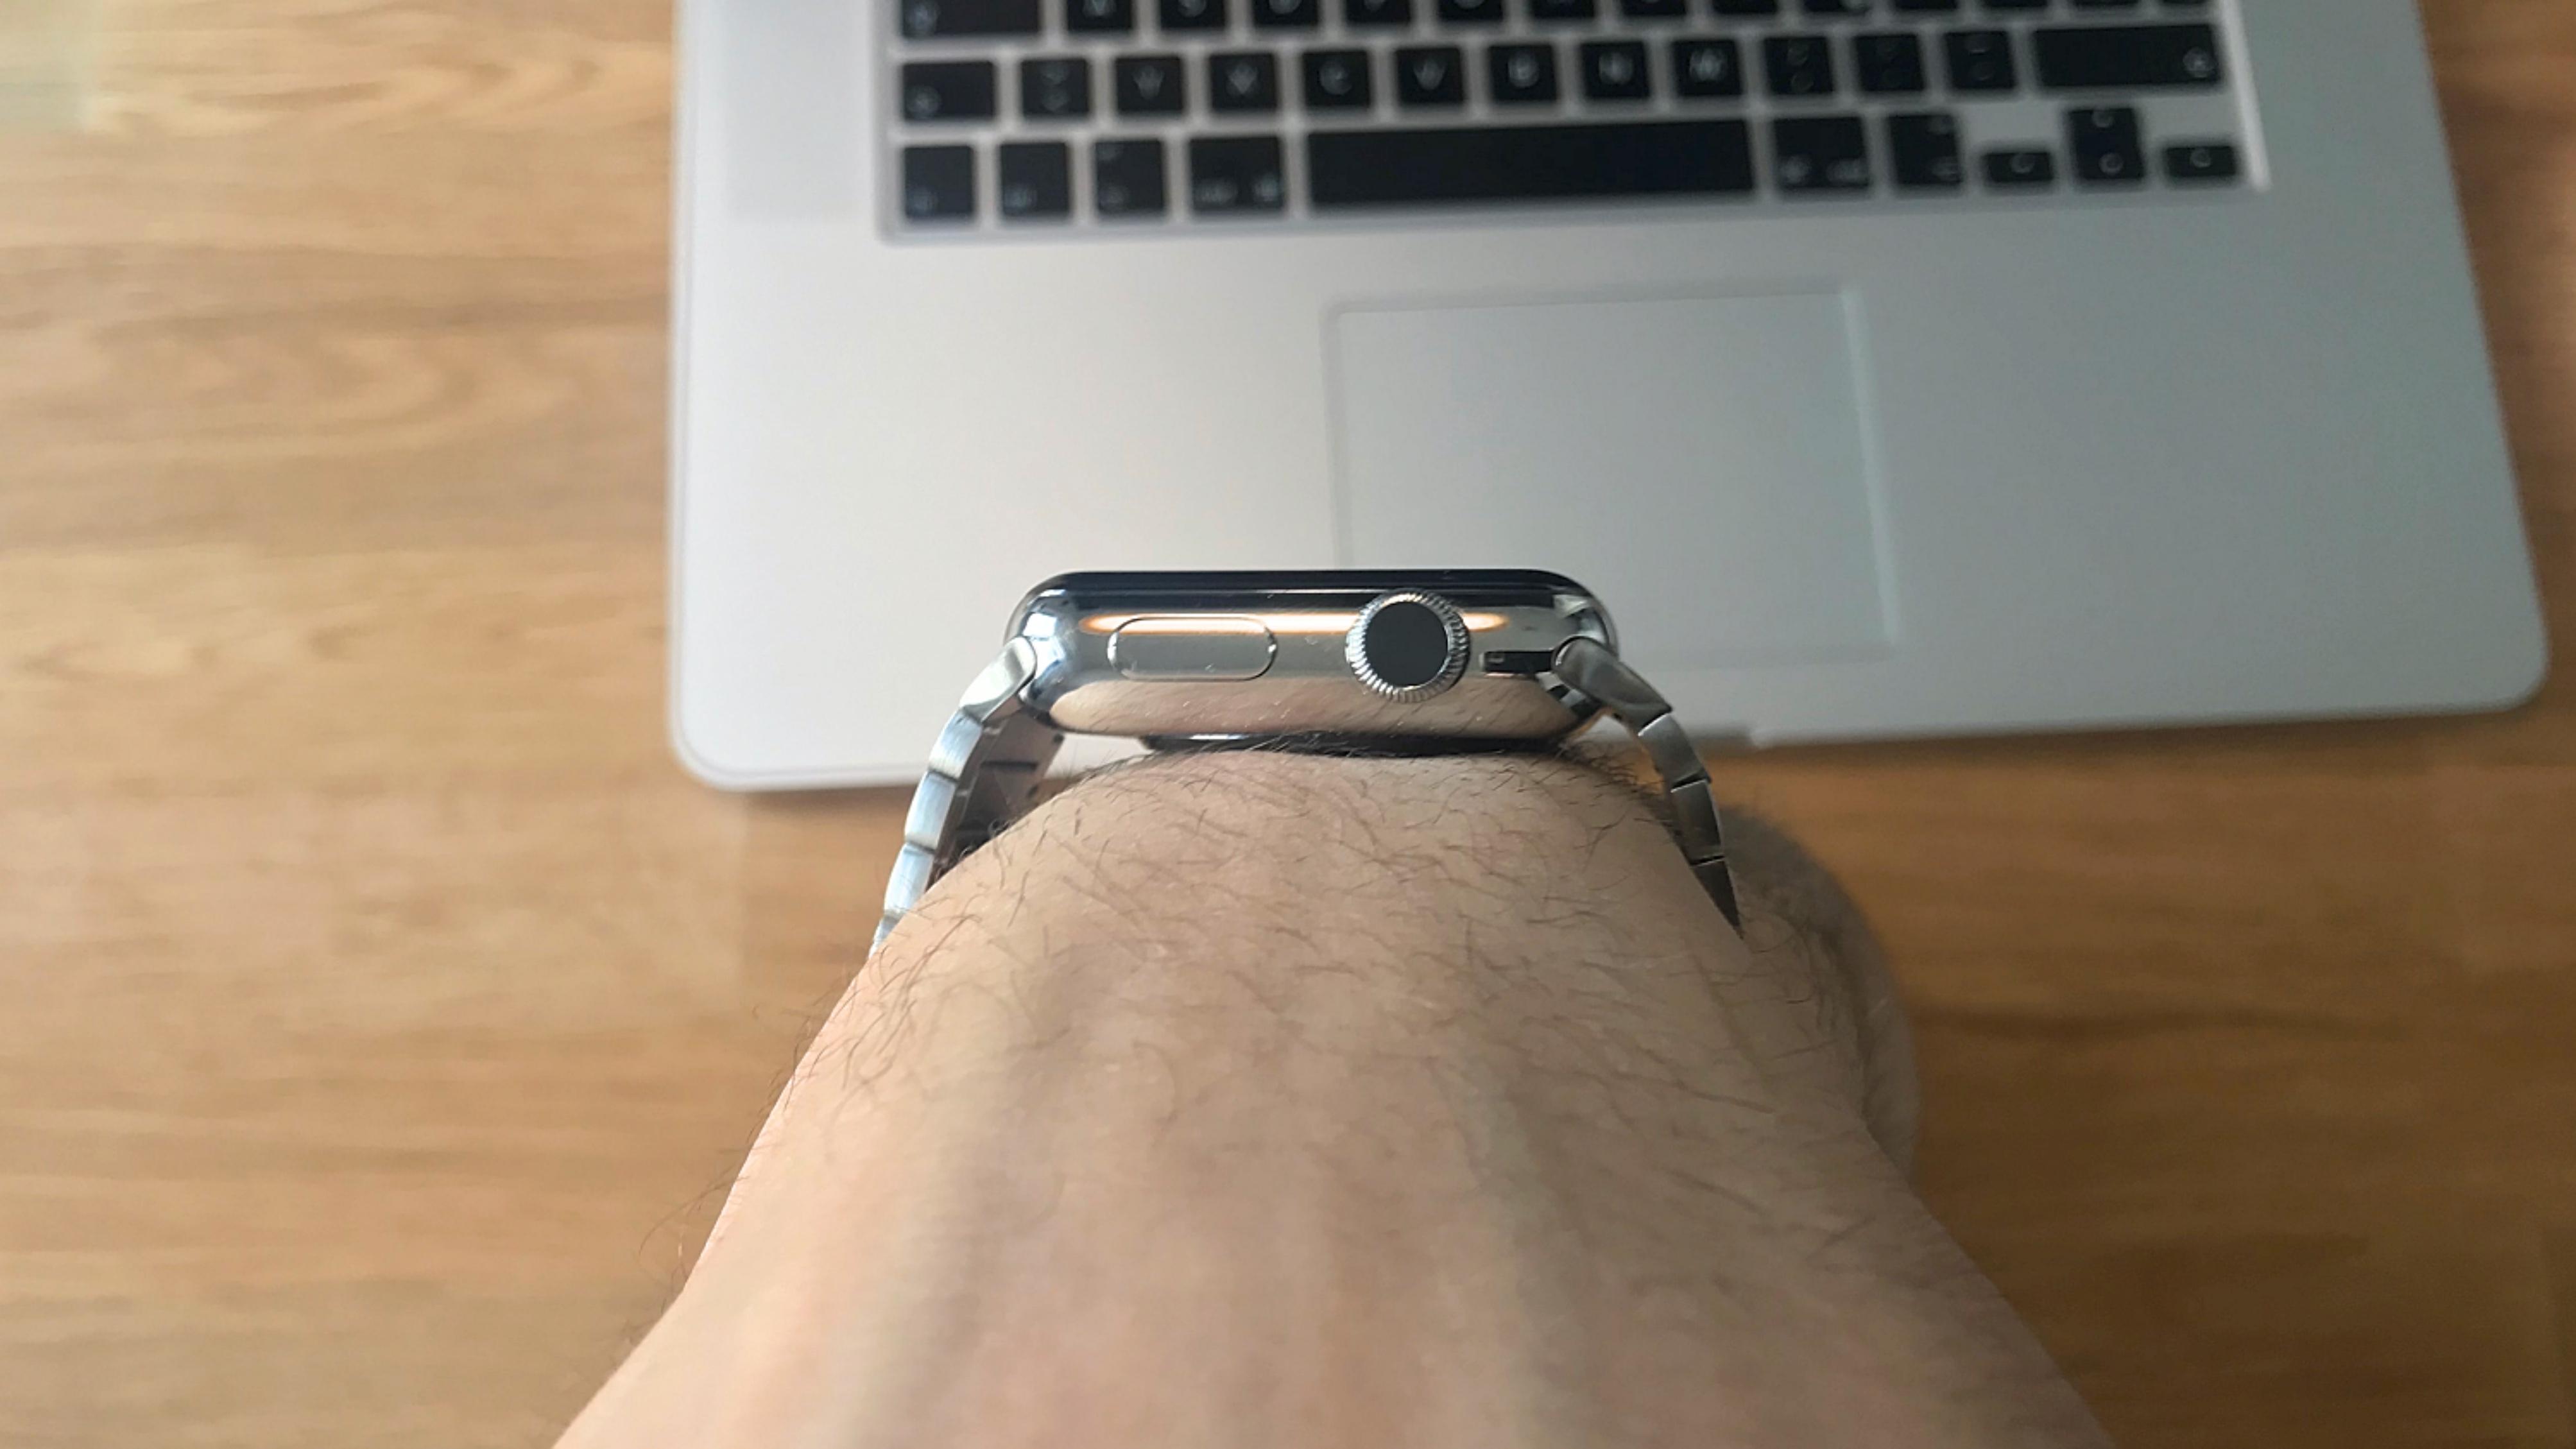 Bluestein_Edelstahl_Gliederarmband_Apple_Watch-Review4 Gliederarmband für die Apple Watch von Bluestein - die edelste Armbandvariante für 149€ statt 509€